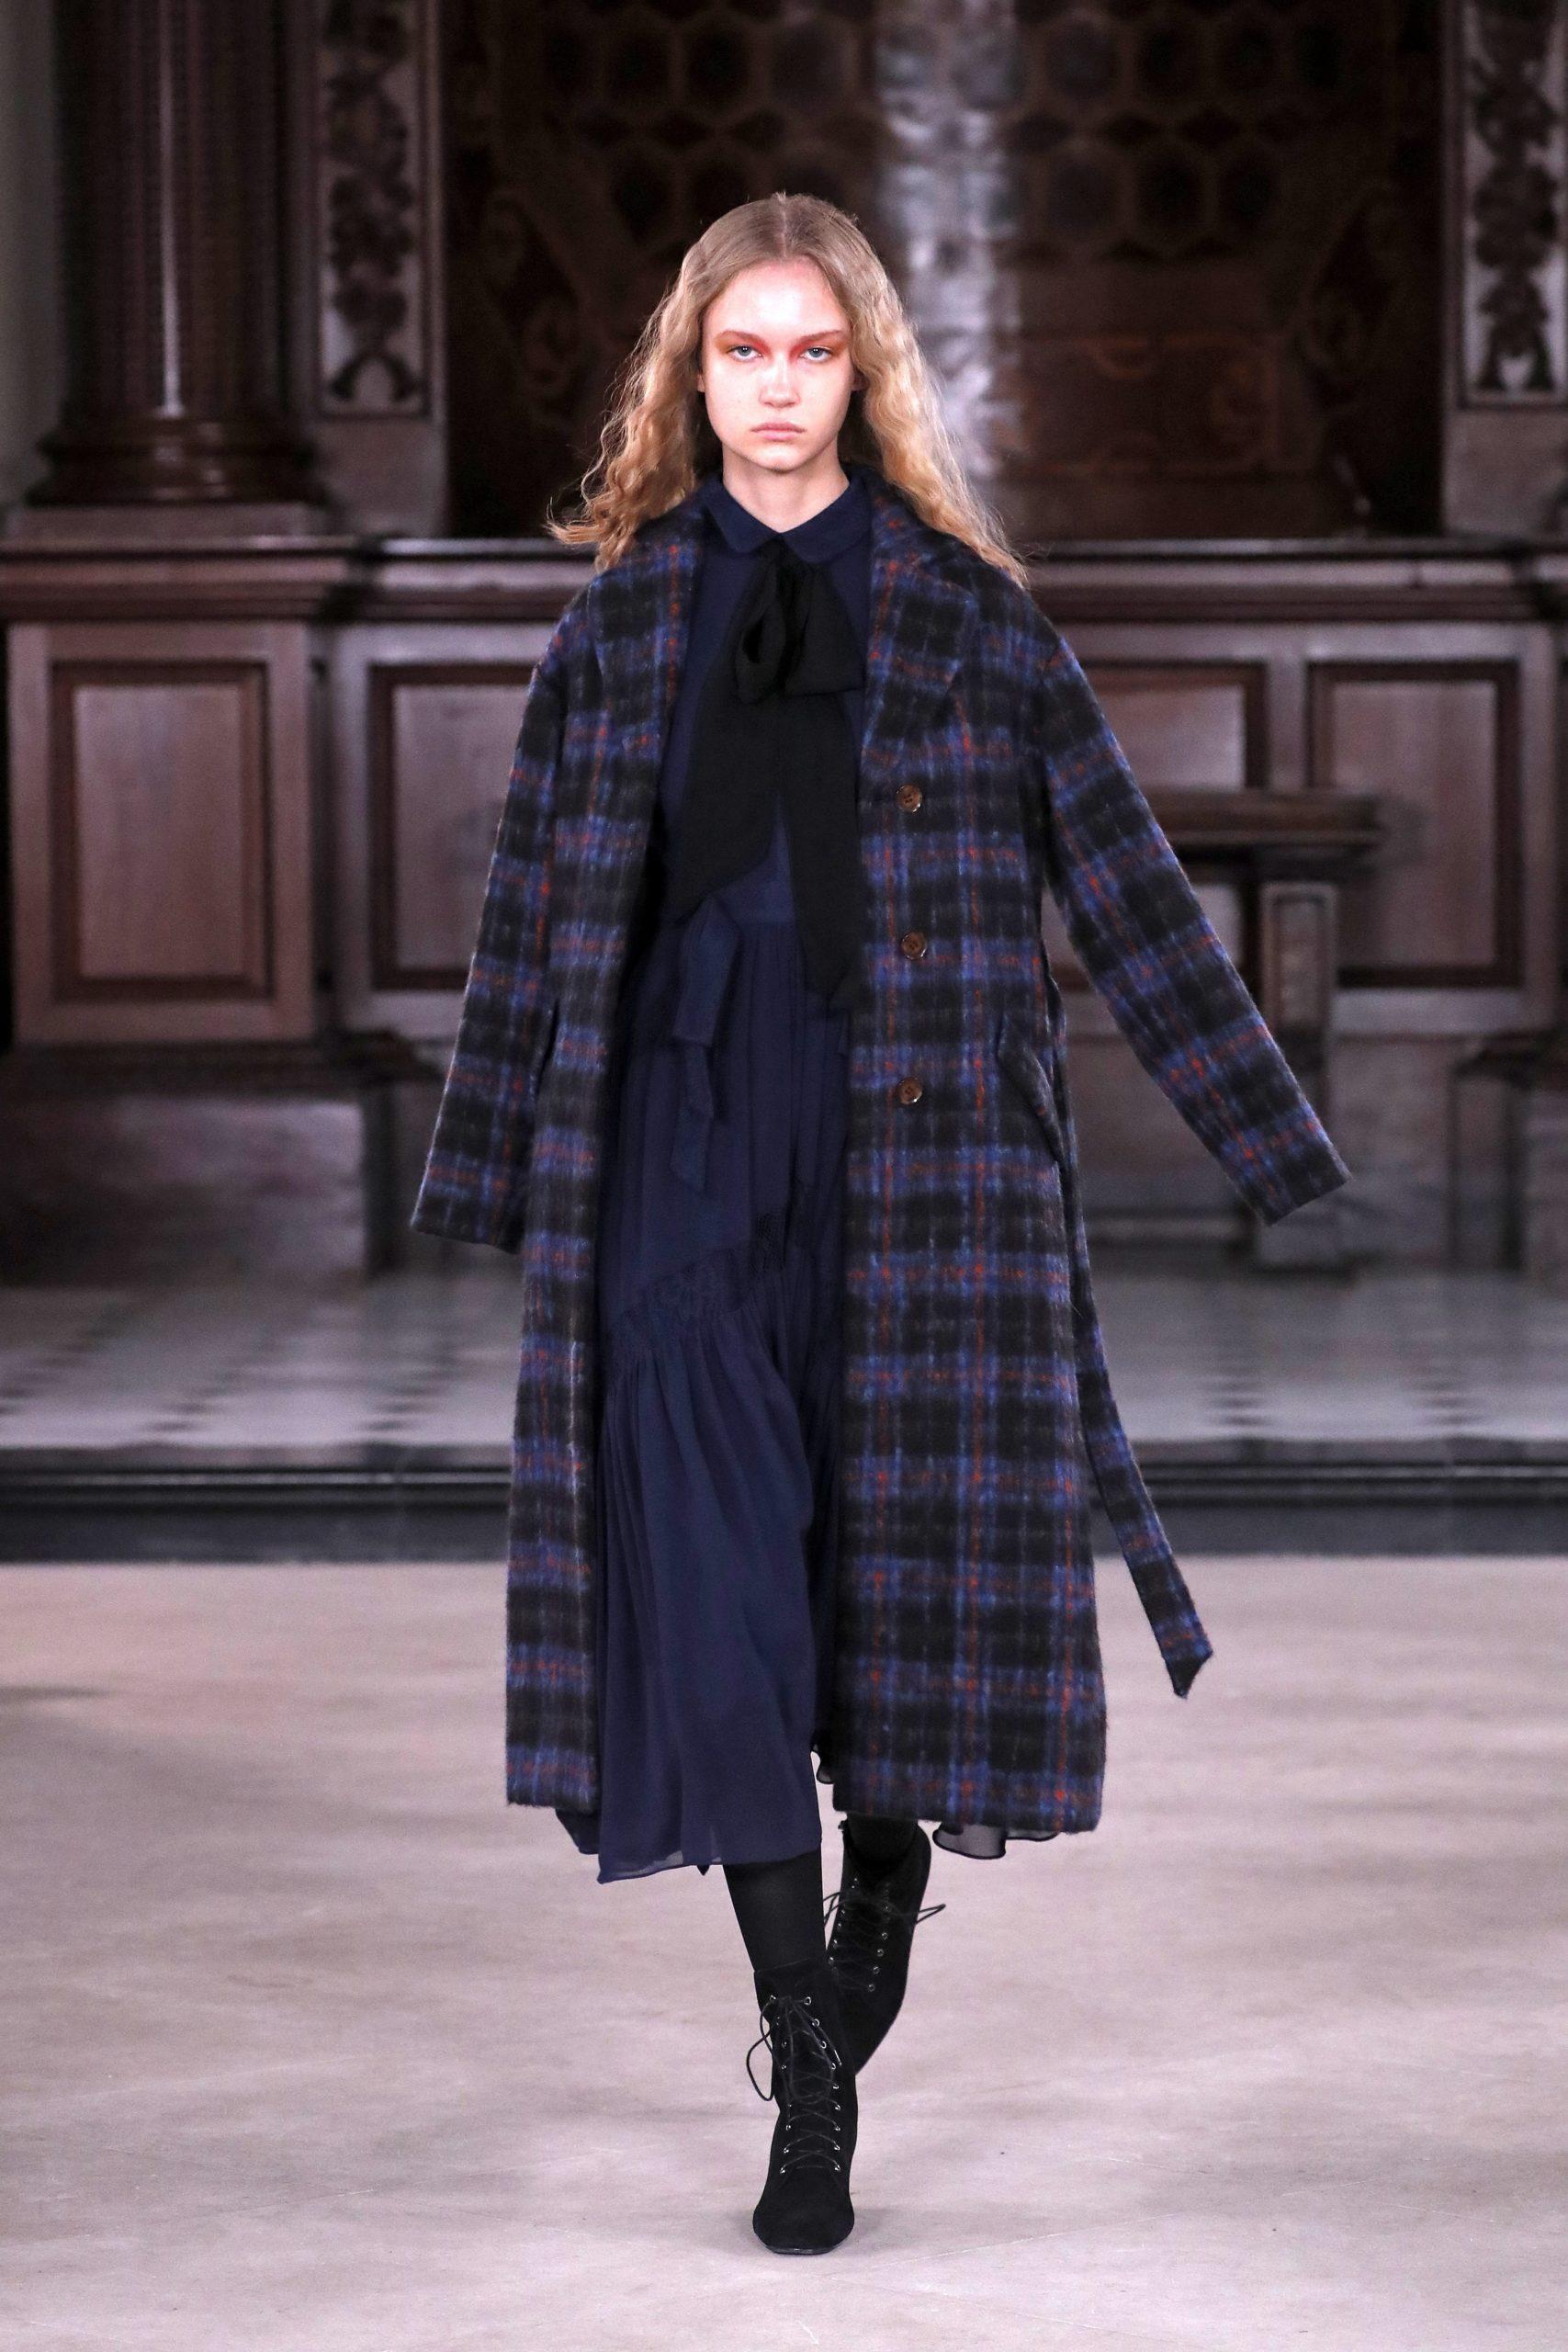 модное пальто осень 2020 в клетку синее